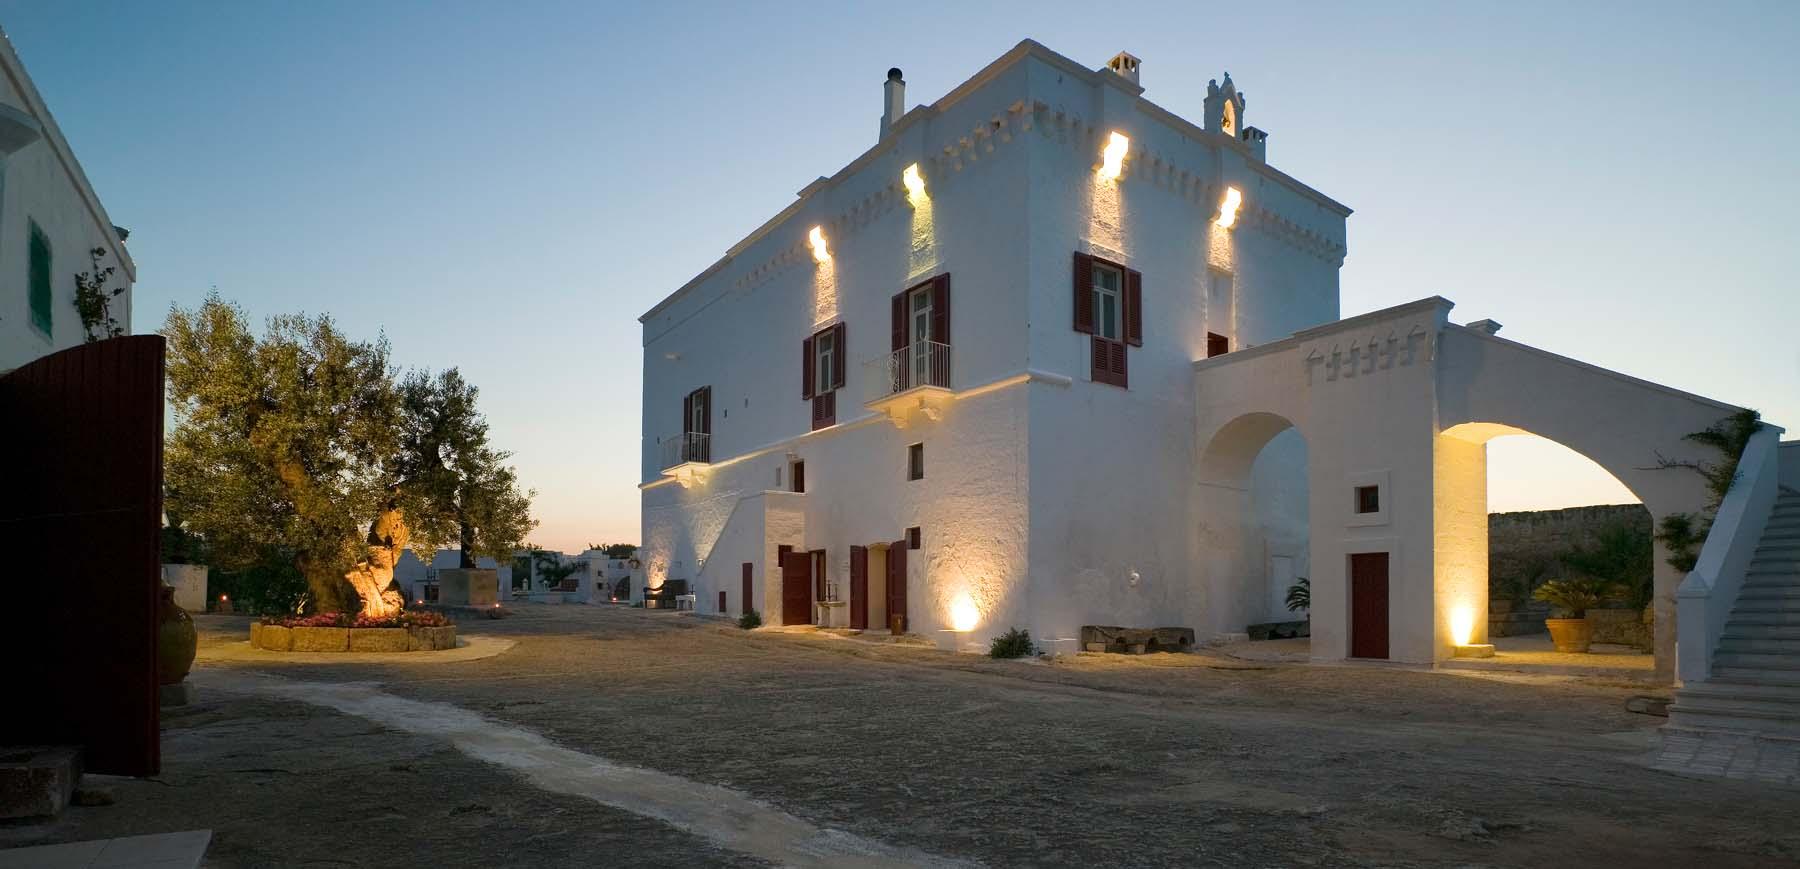 Masseria Torre Coccaro yourescape (68)